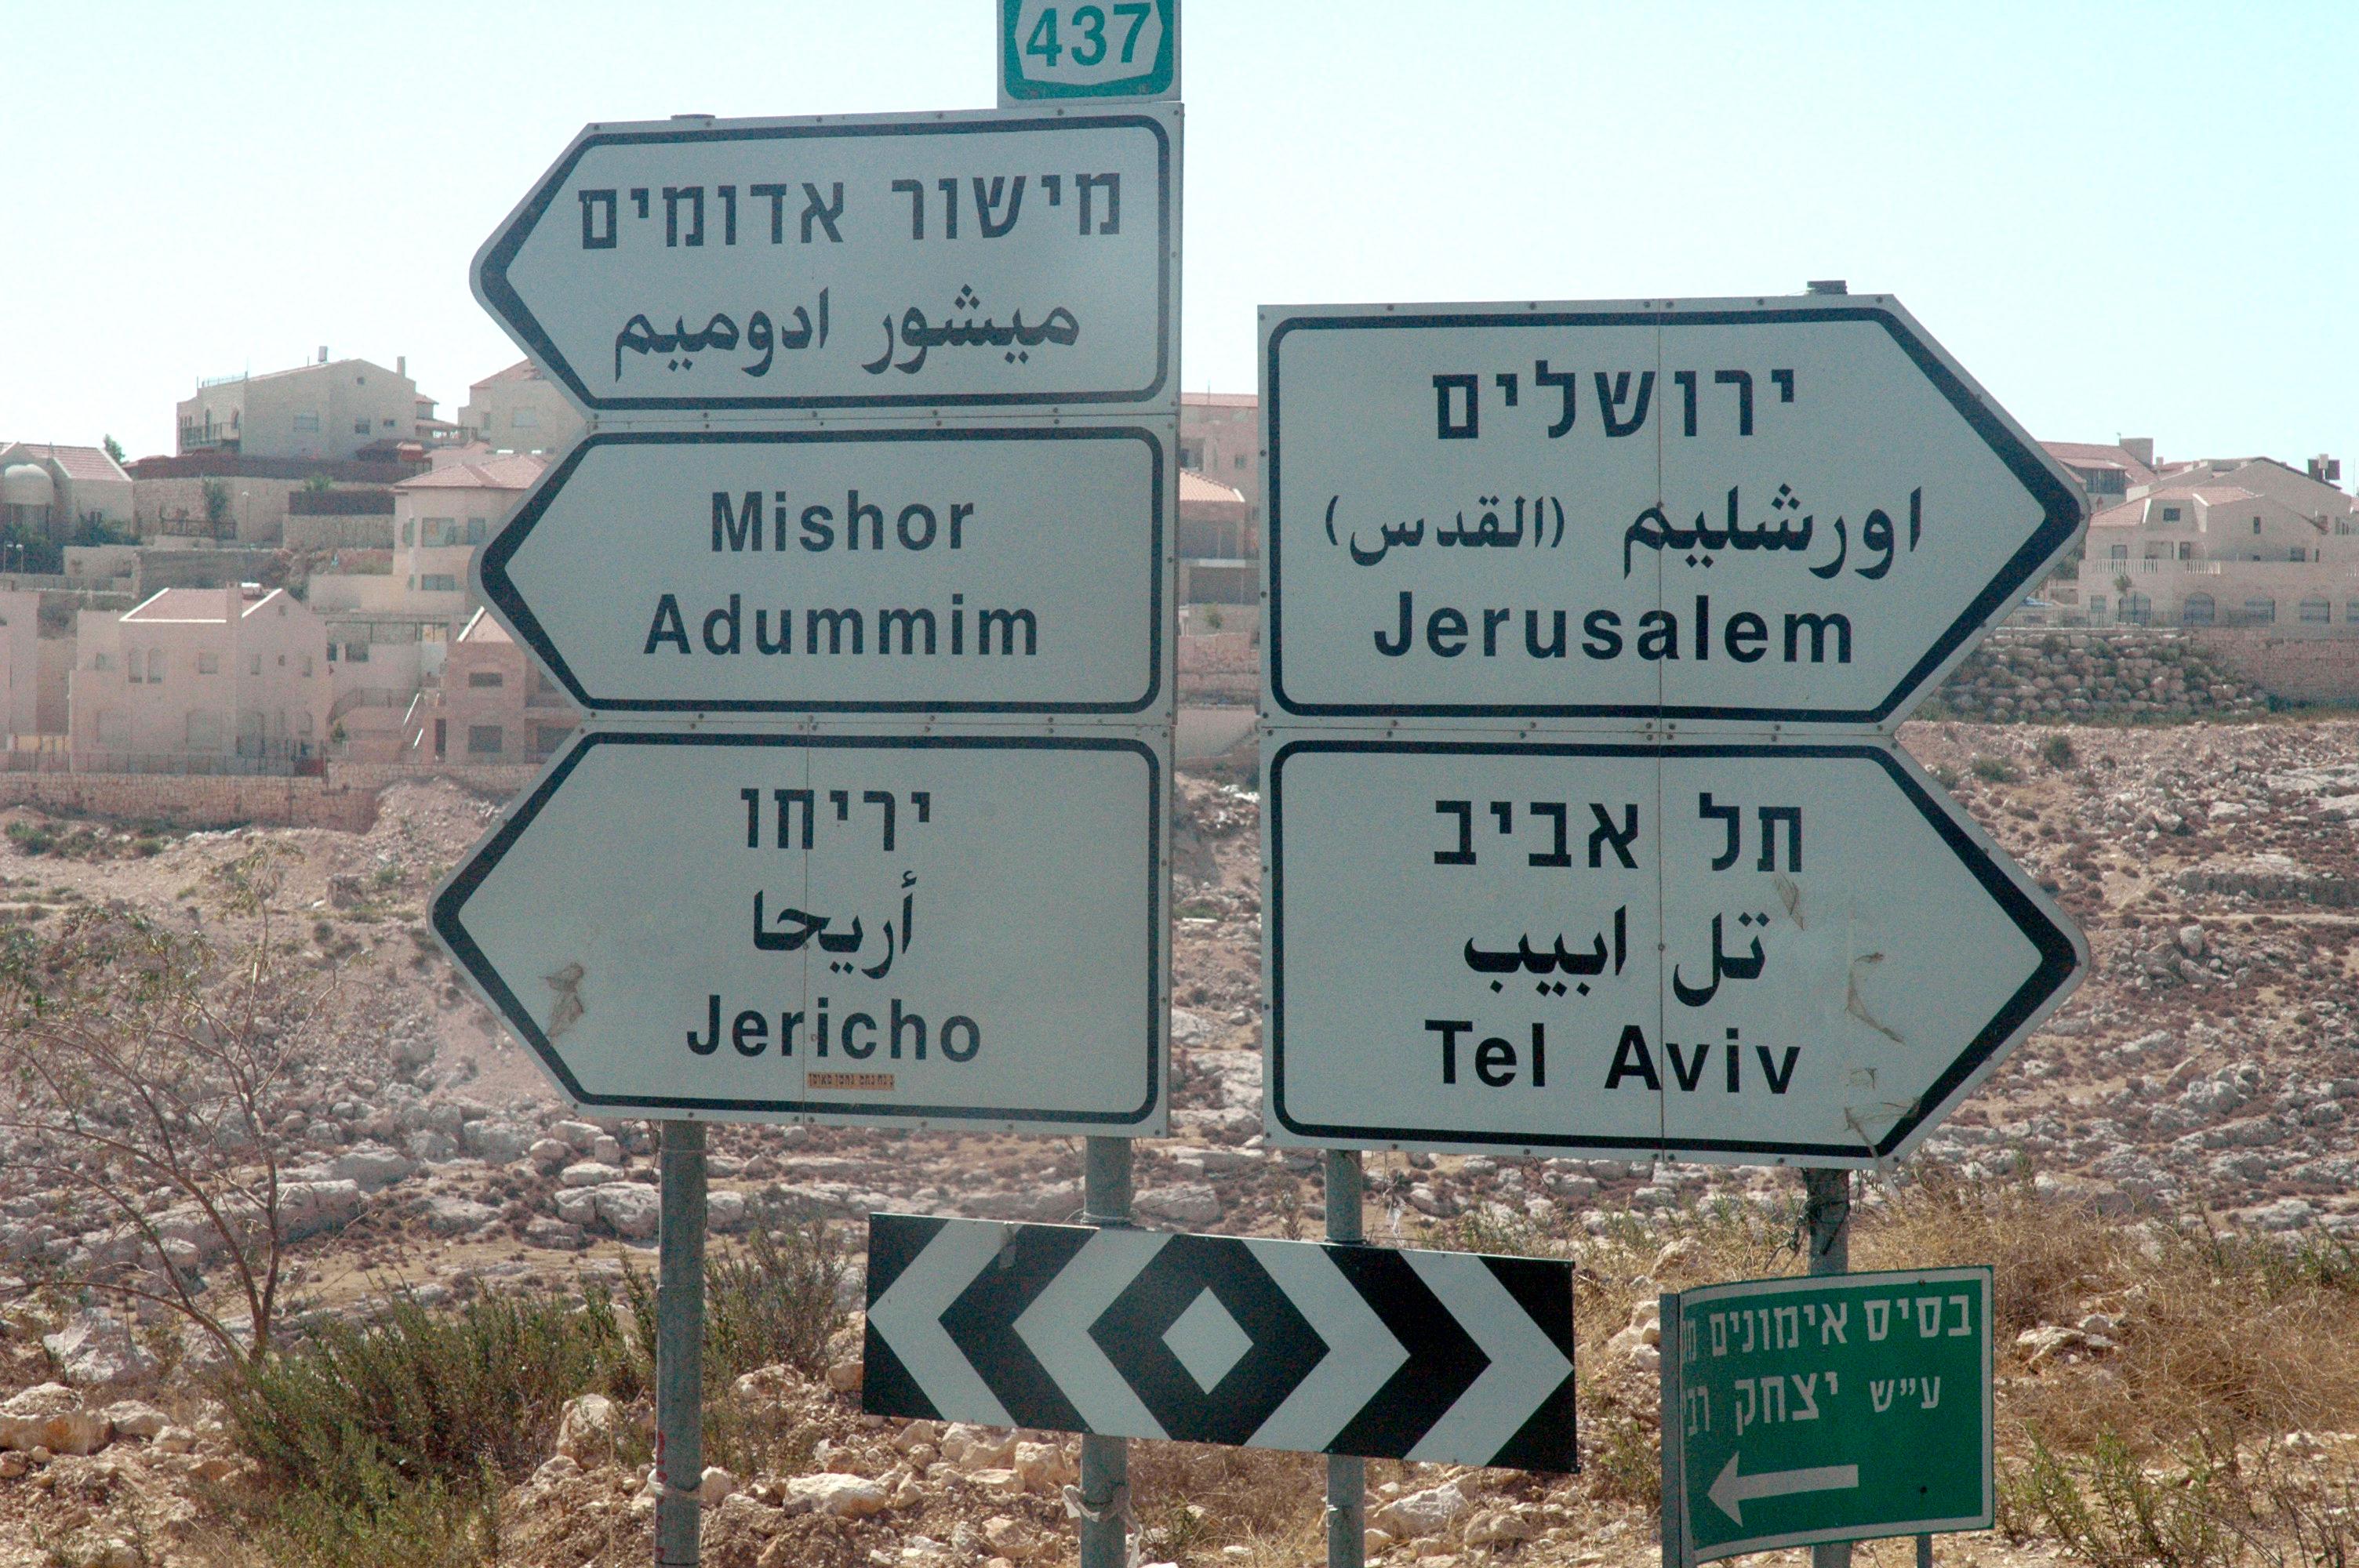 Como Puedo Escribir Mi Nombre En Arabe En Facebook porque estudiar hebreo? - aprender hebreo online